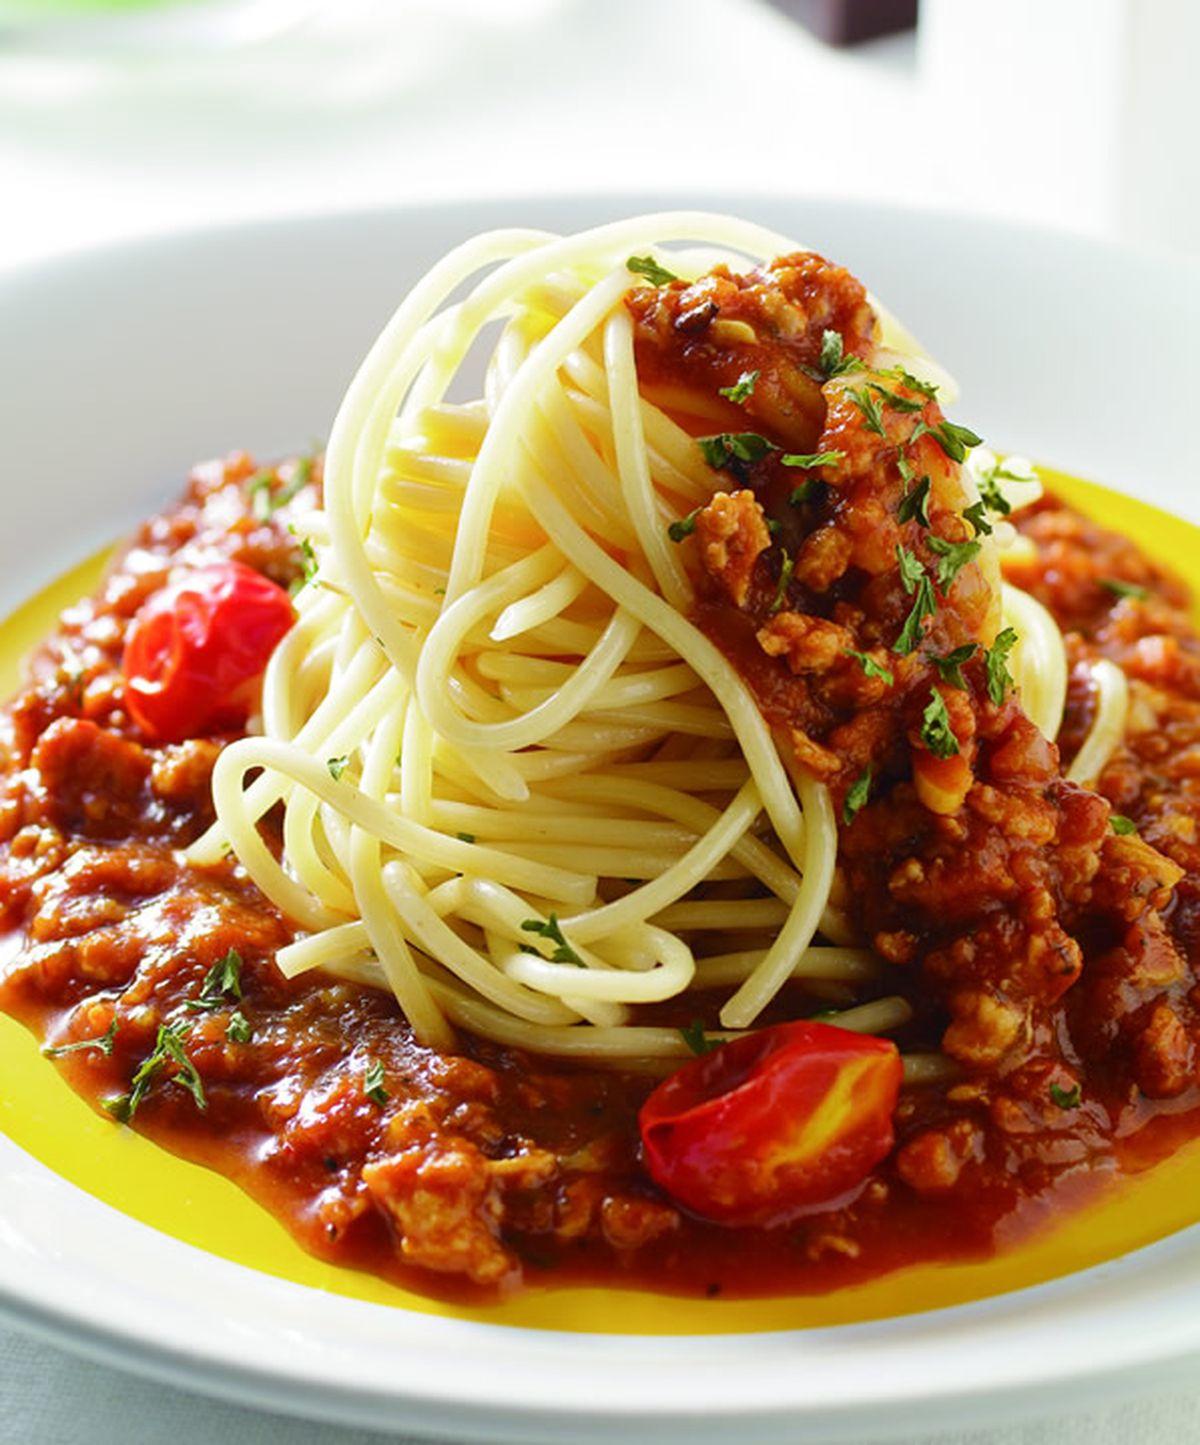 蕃茄肉醬義大利麵(1)::食譜